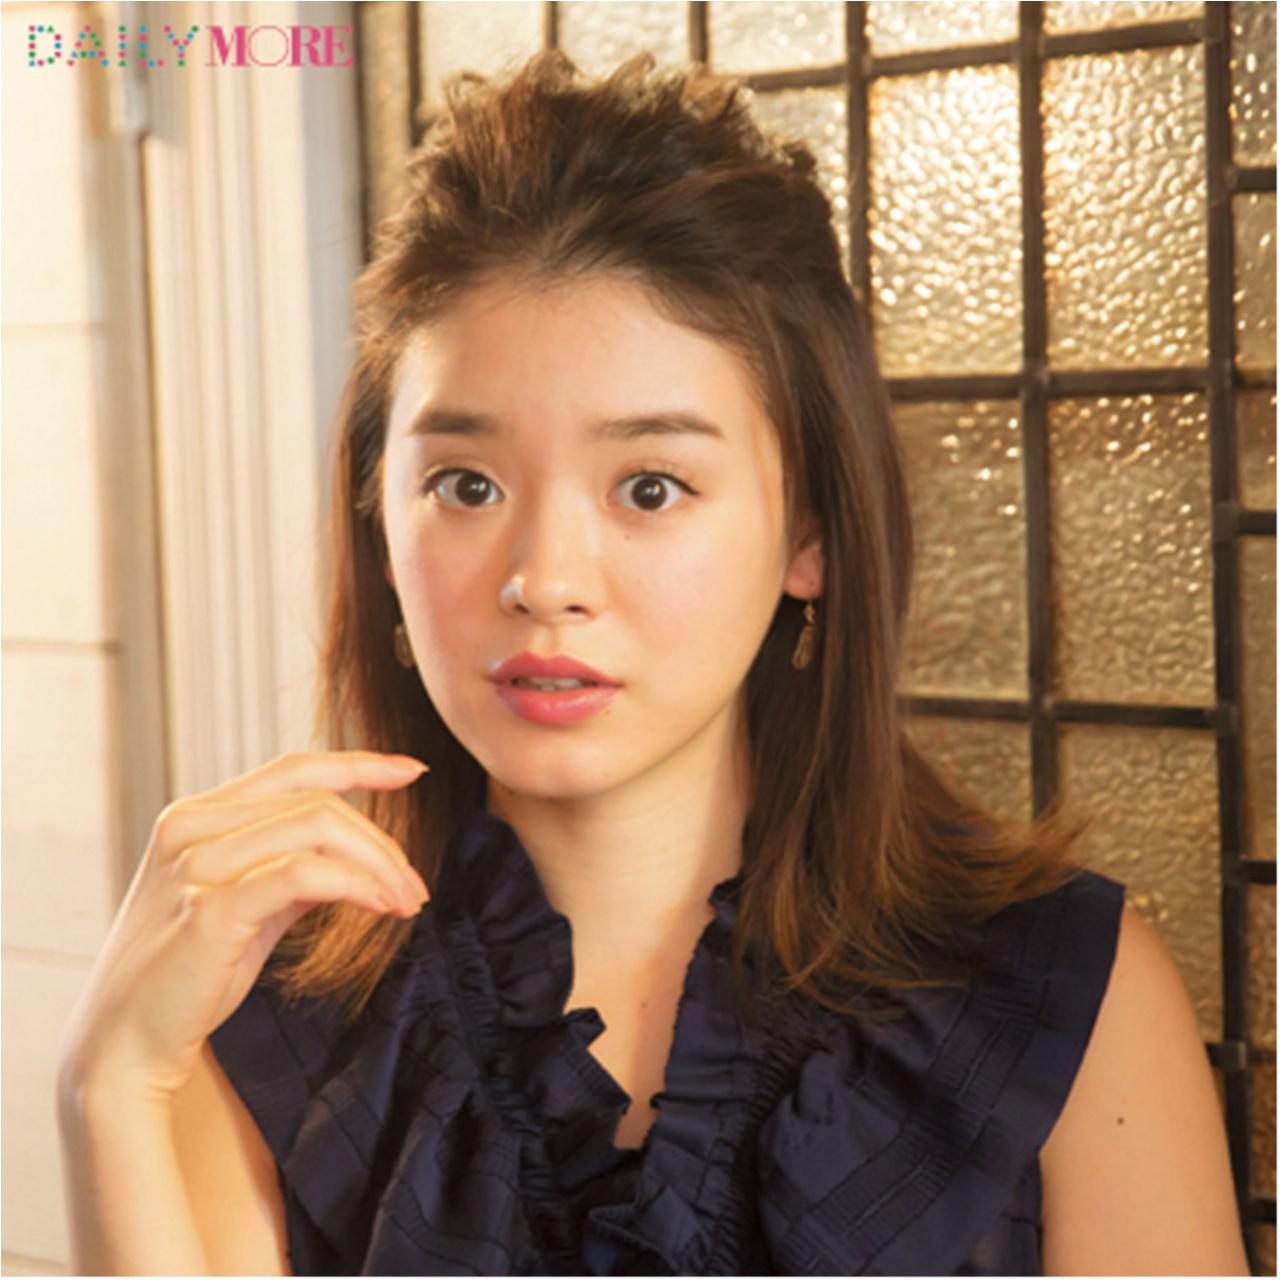 美容番長ファミリーが教える『ジバンシィ』『ケイト』の新作をチェックせよ☆ 今週のビューティ人気ランキングトップ3!_1